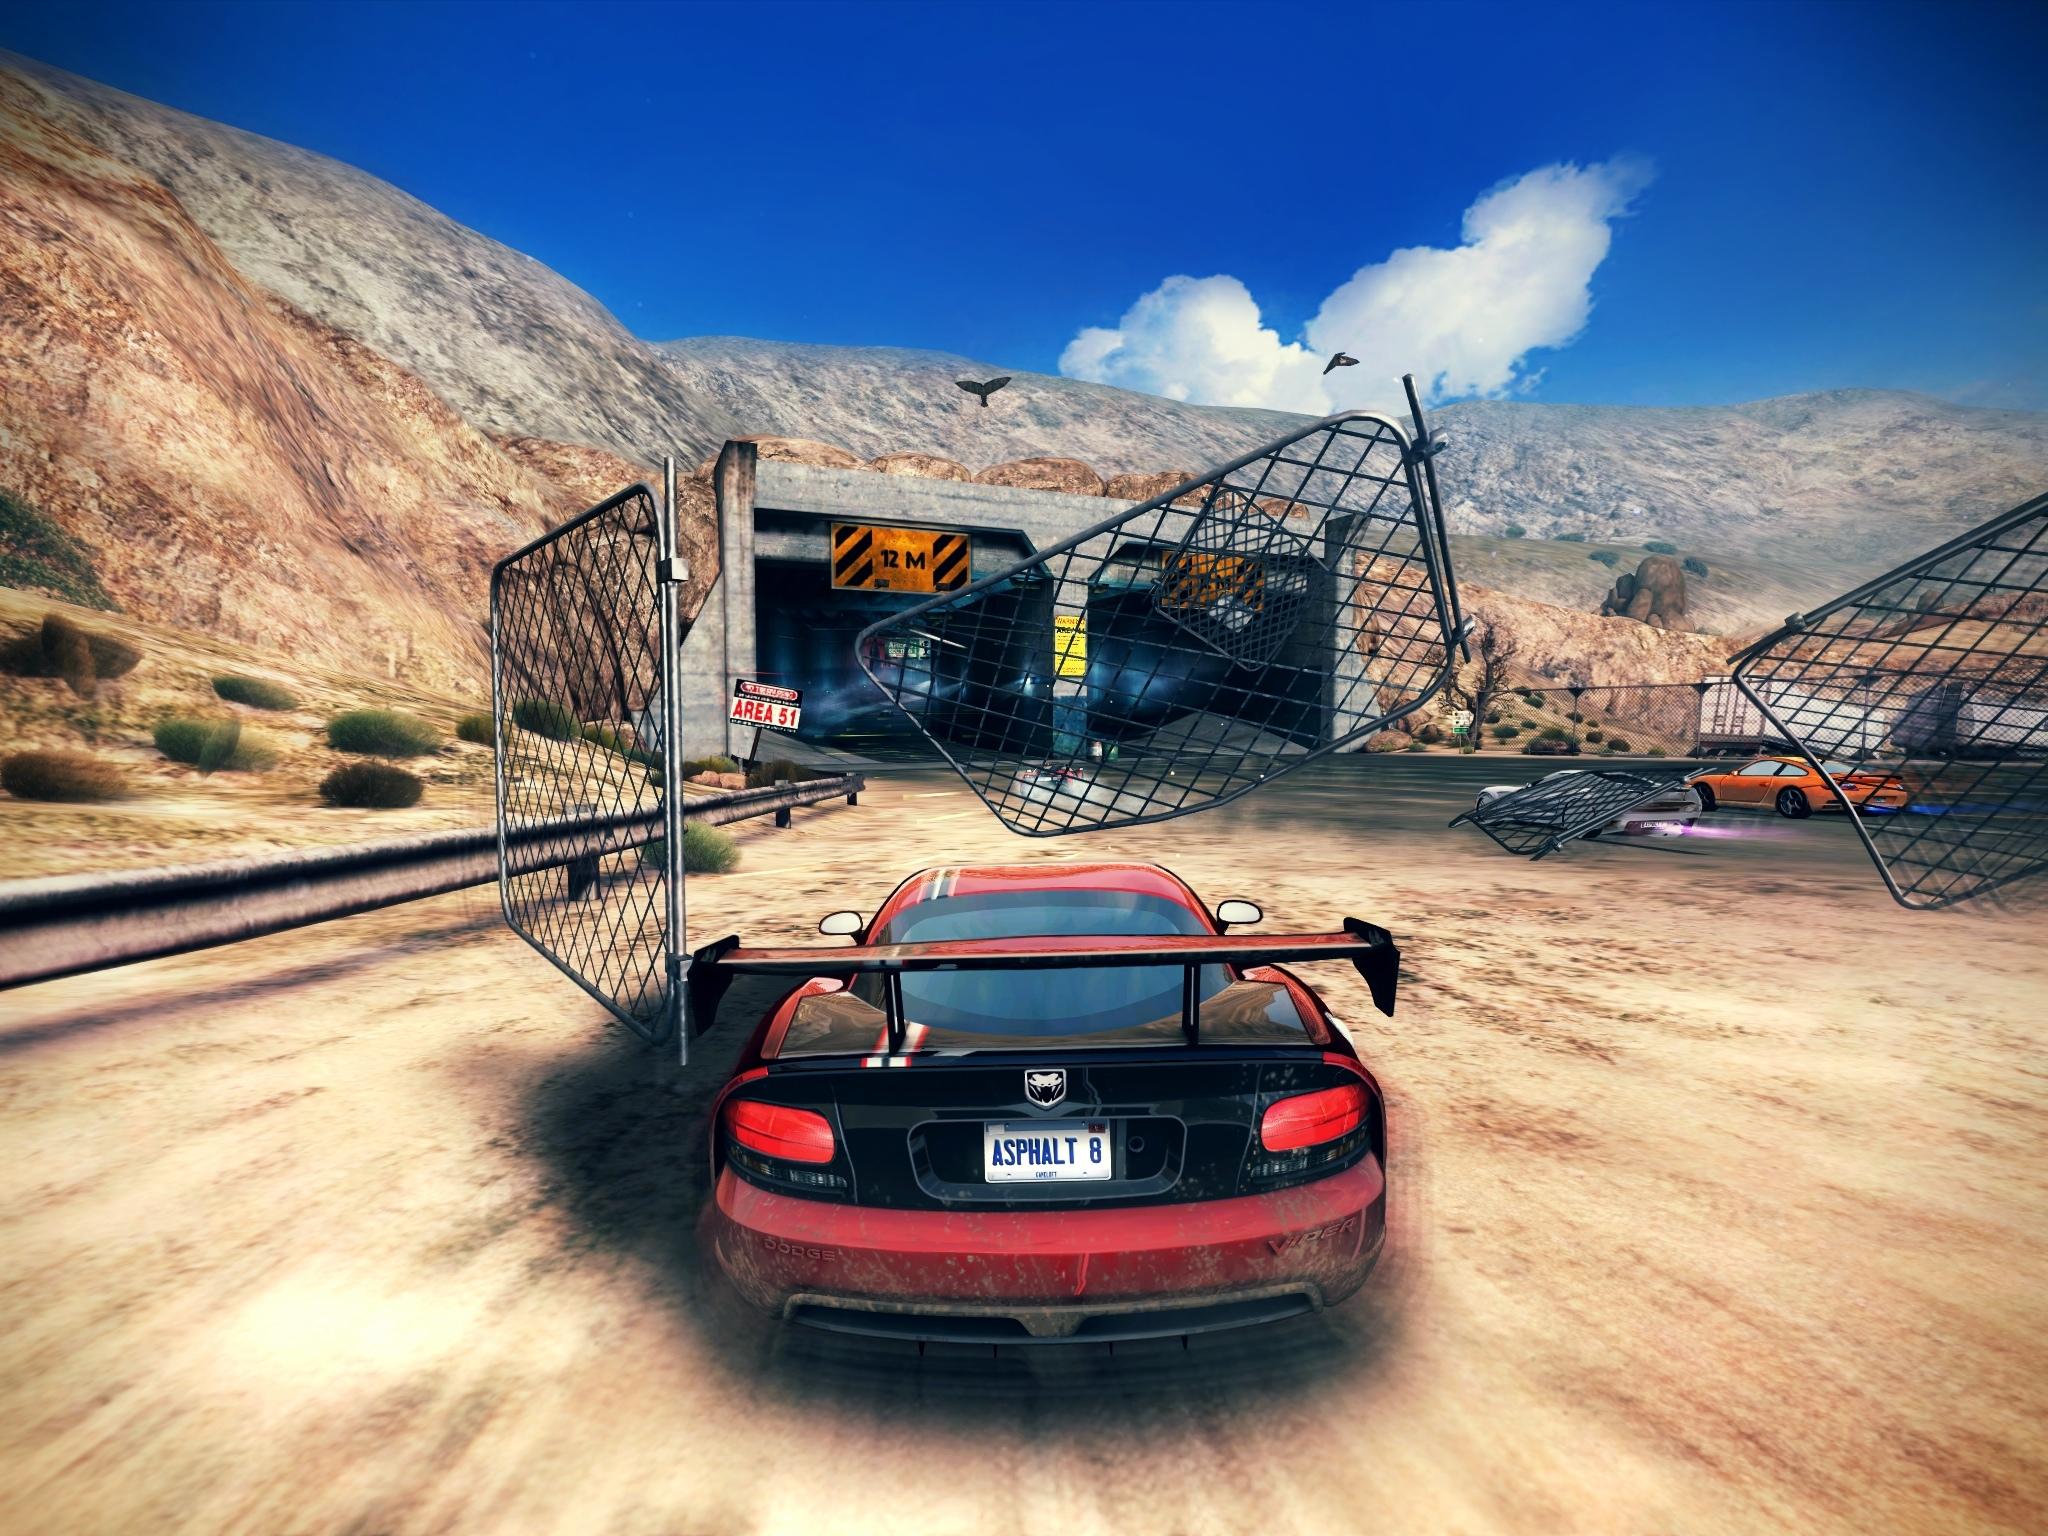 Asphalt 8: Airborne, il nuovissimo capitolo del famoso gioco di corse automobilistiche da domani in AppStore!